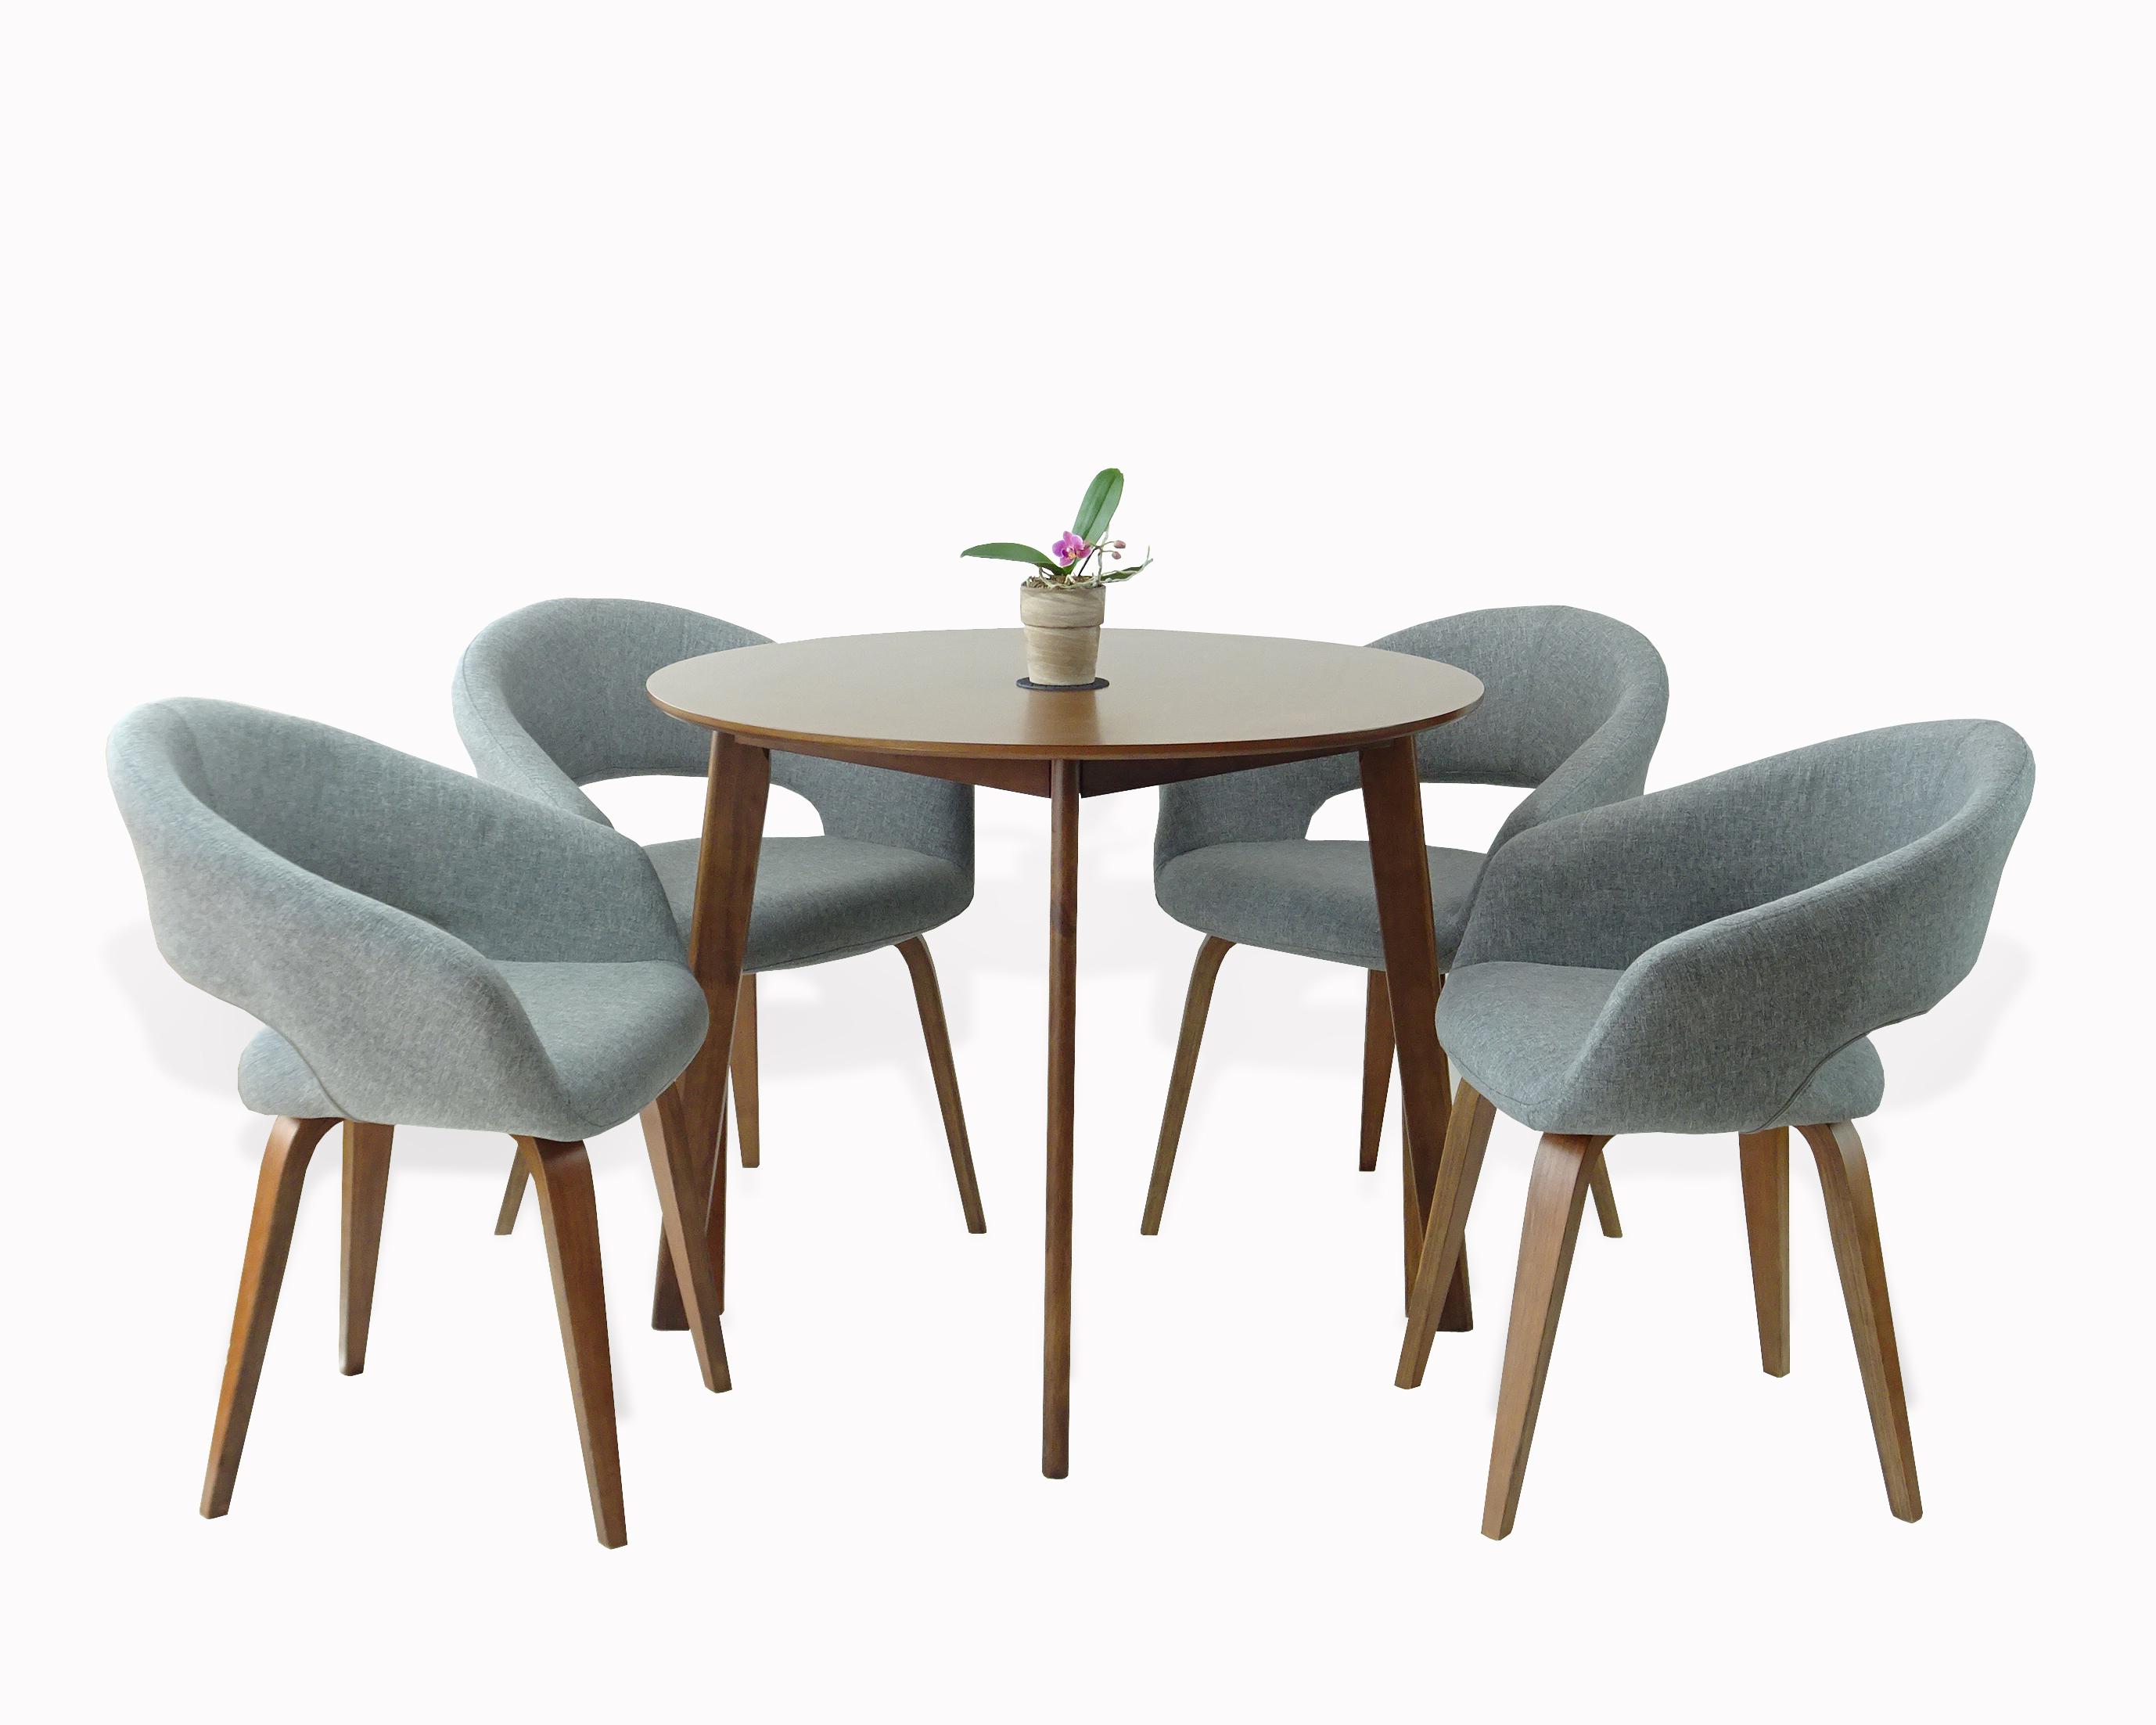 Buy Dining Kitchen Set Of 5 Round Wooden Medium Brown